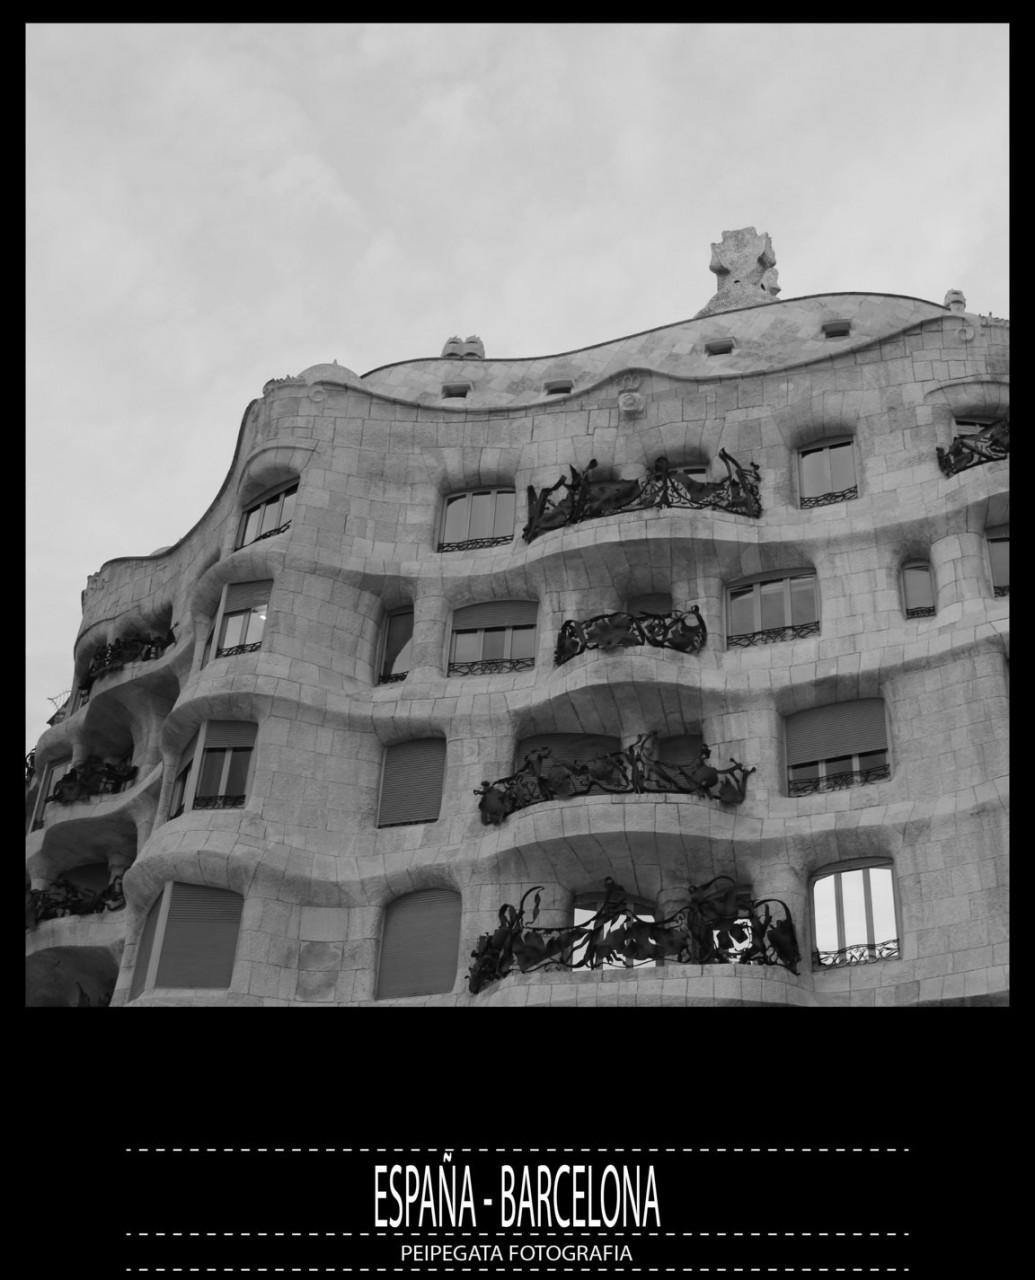 peipegata Barcelona bcn barna españa viajes fotografia peipegatafotografia